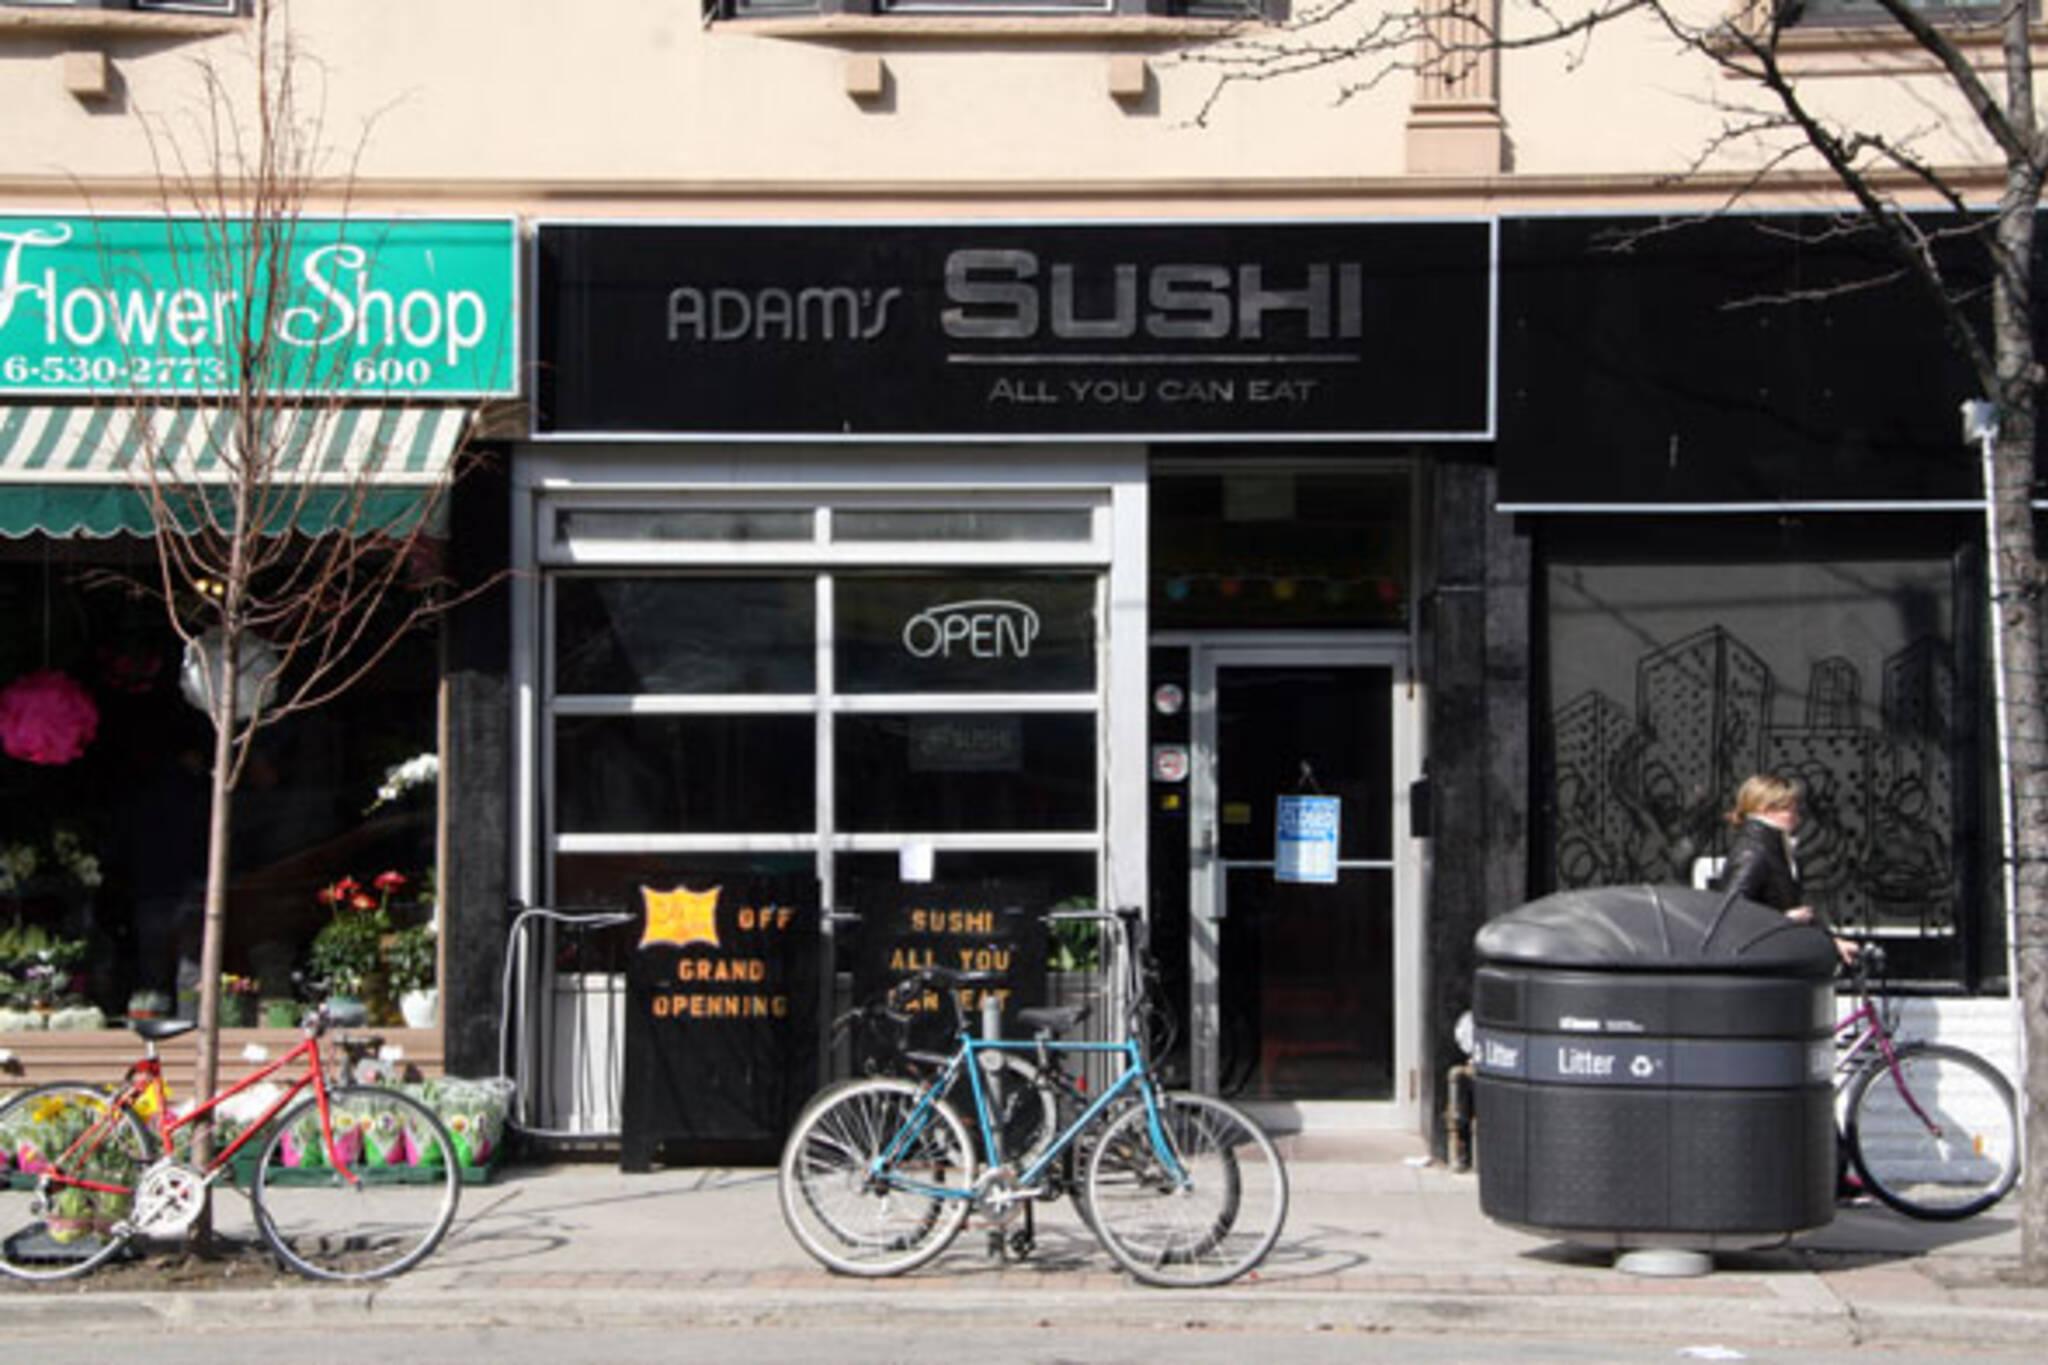 Adams Sushi